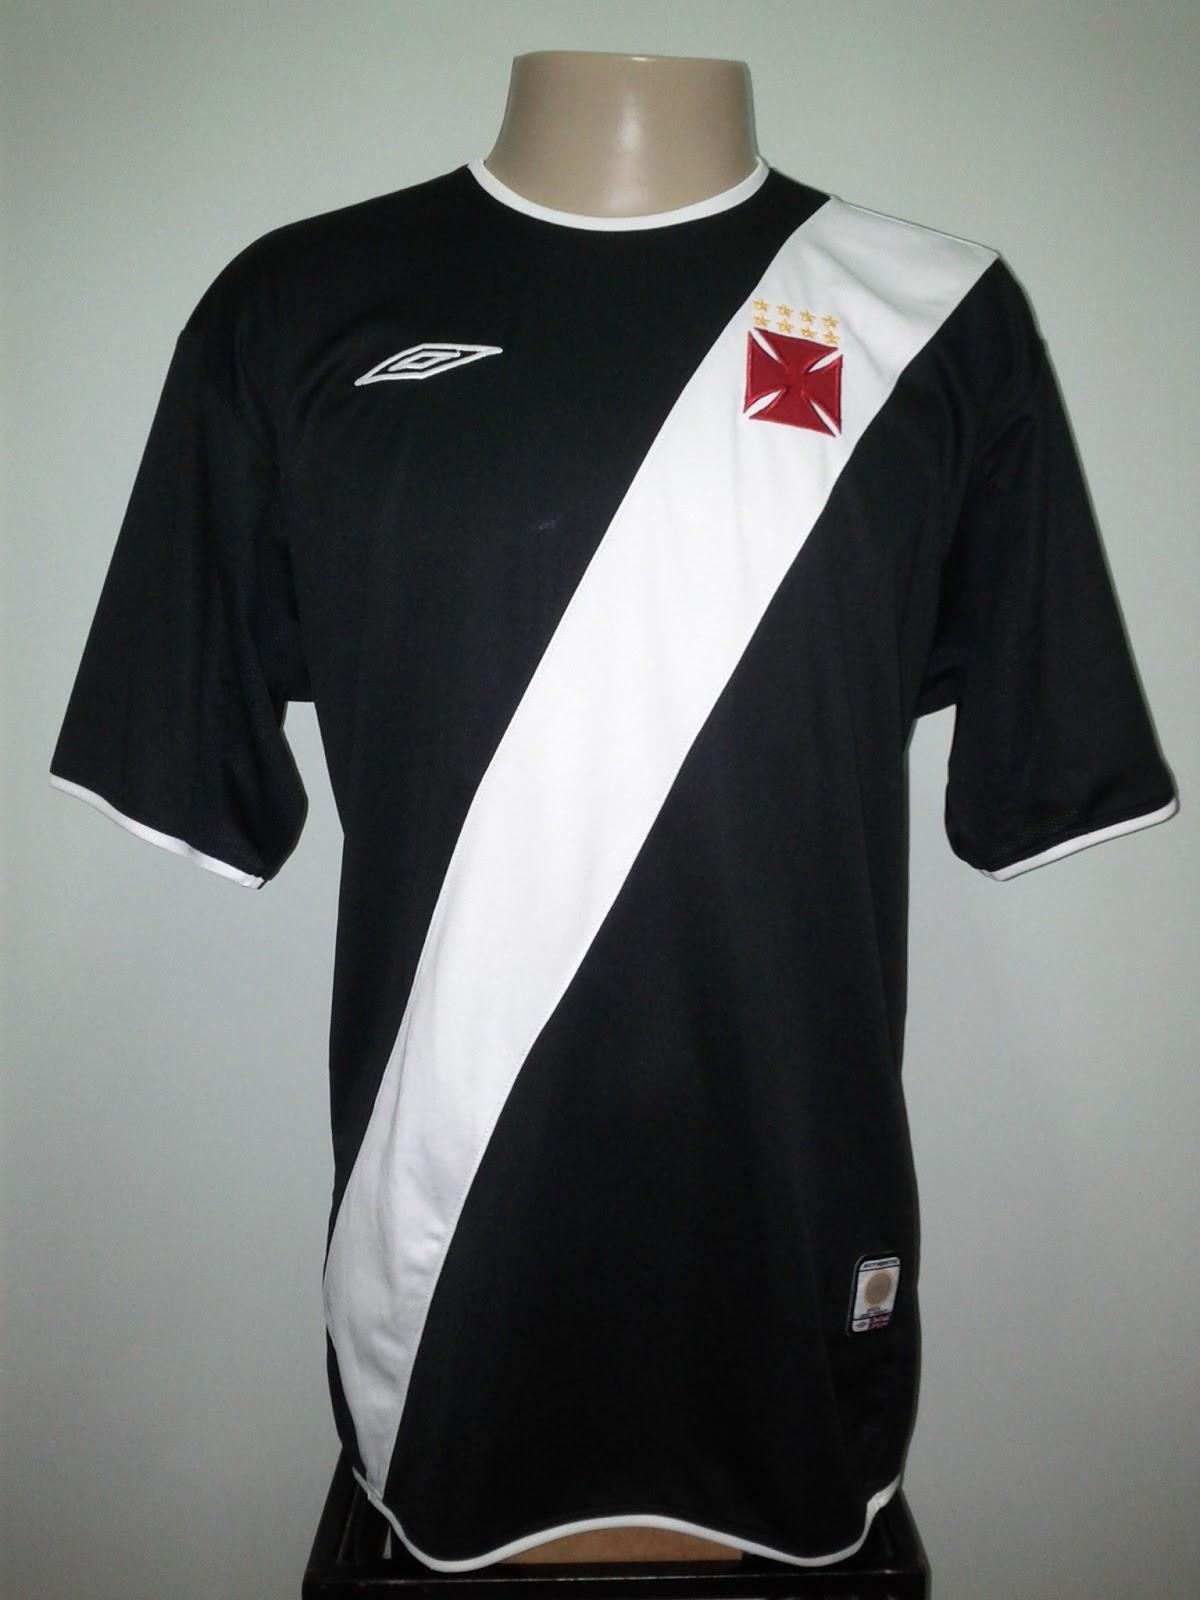 Na Sul-Americana de 2003 usamos camisa com número na frente e nome nas  costas  677a32e144a24